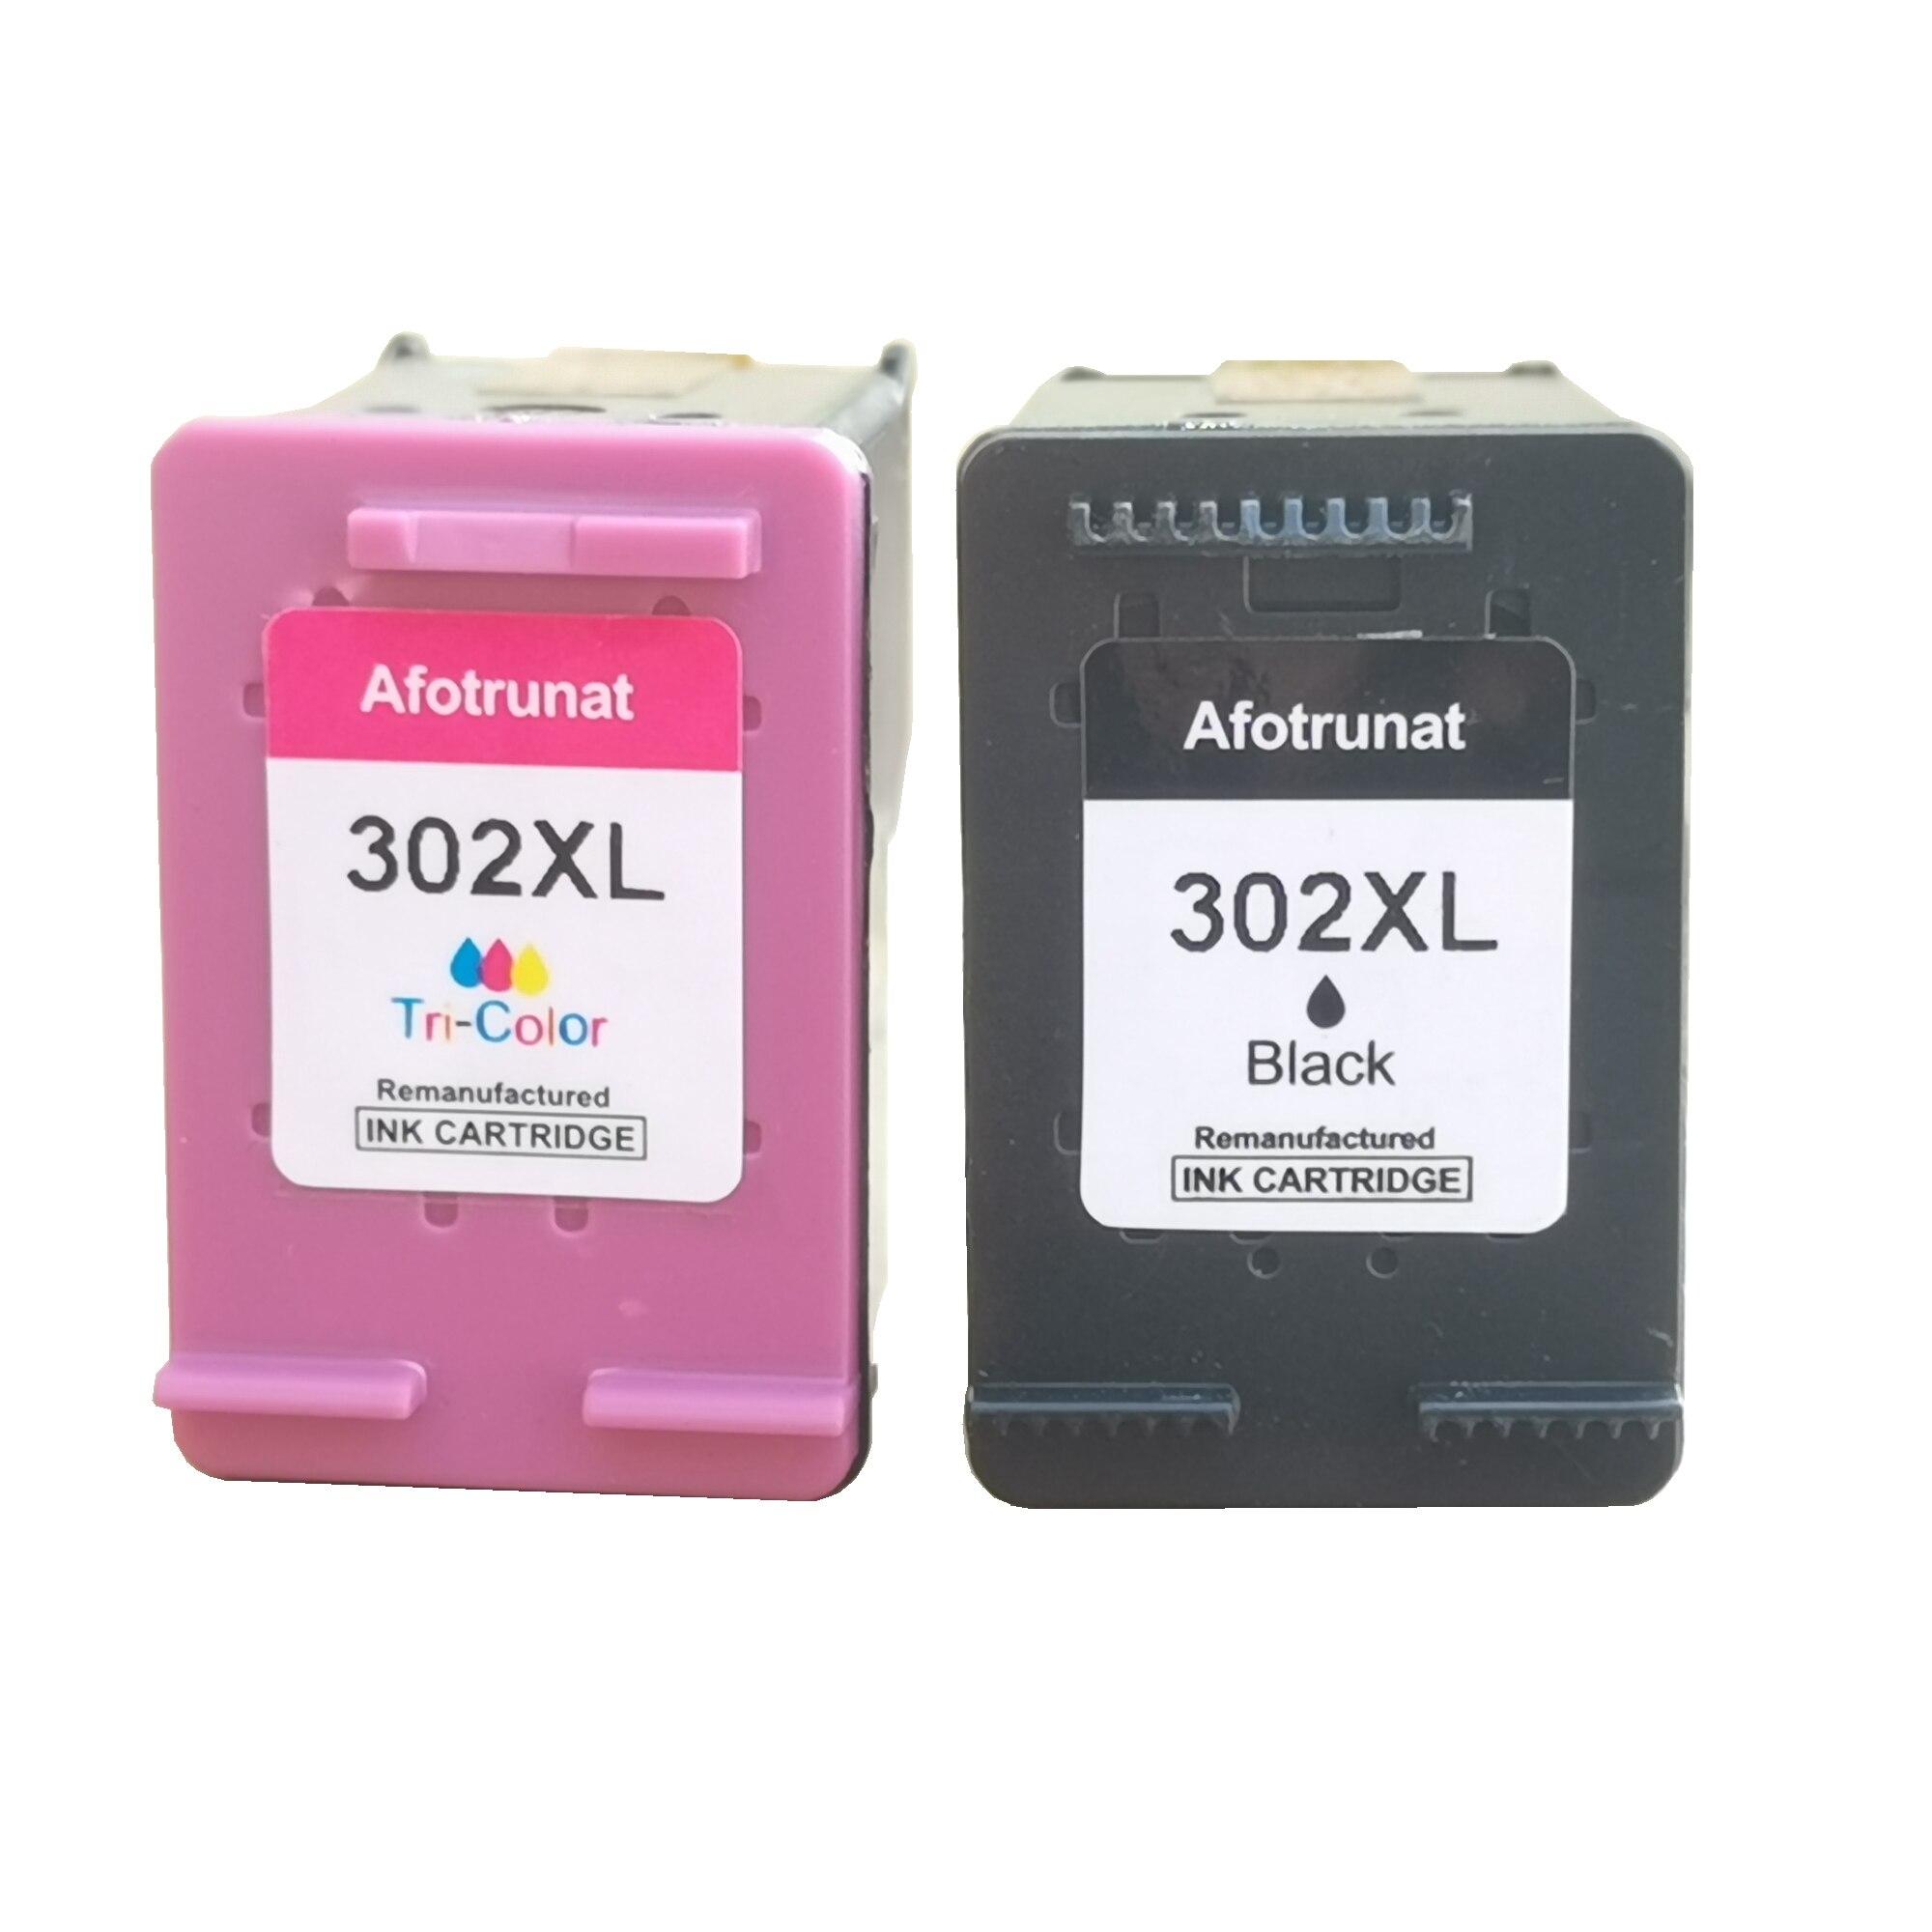 Afotrunat Совместимость 302XL чернильный картридж для HP 302 XL для hp 302 с чернилами HP Deskjet 2130 2135 1110 3630 3632 Officejet 3830 3834 4650